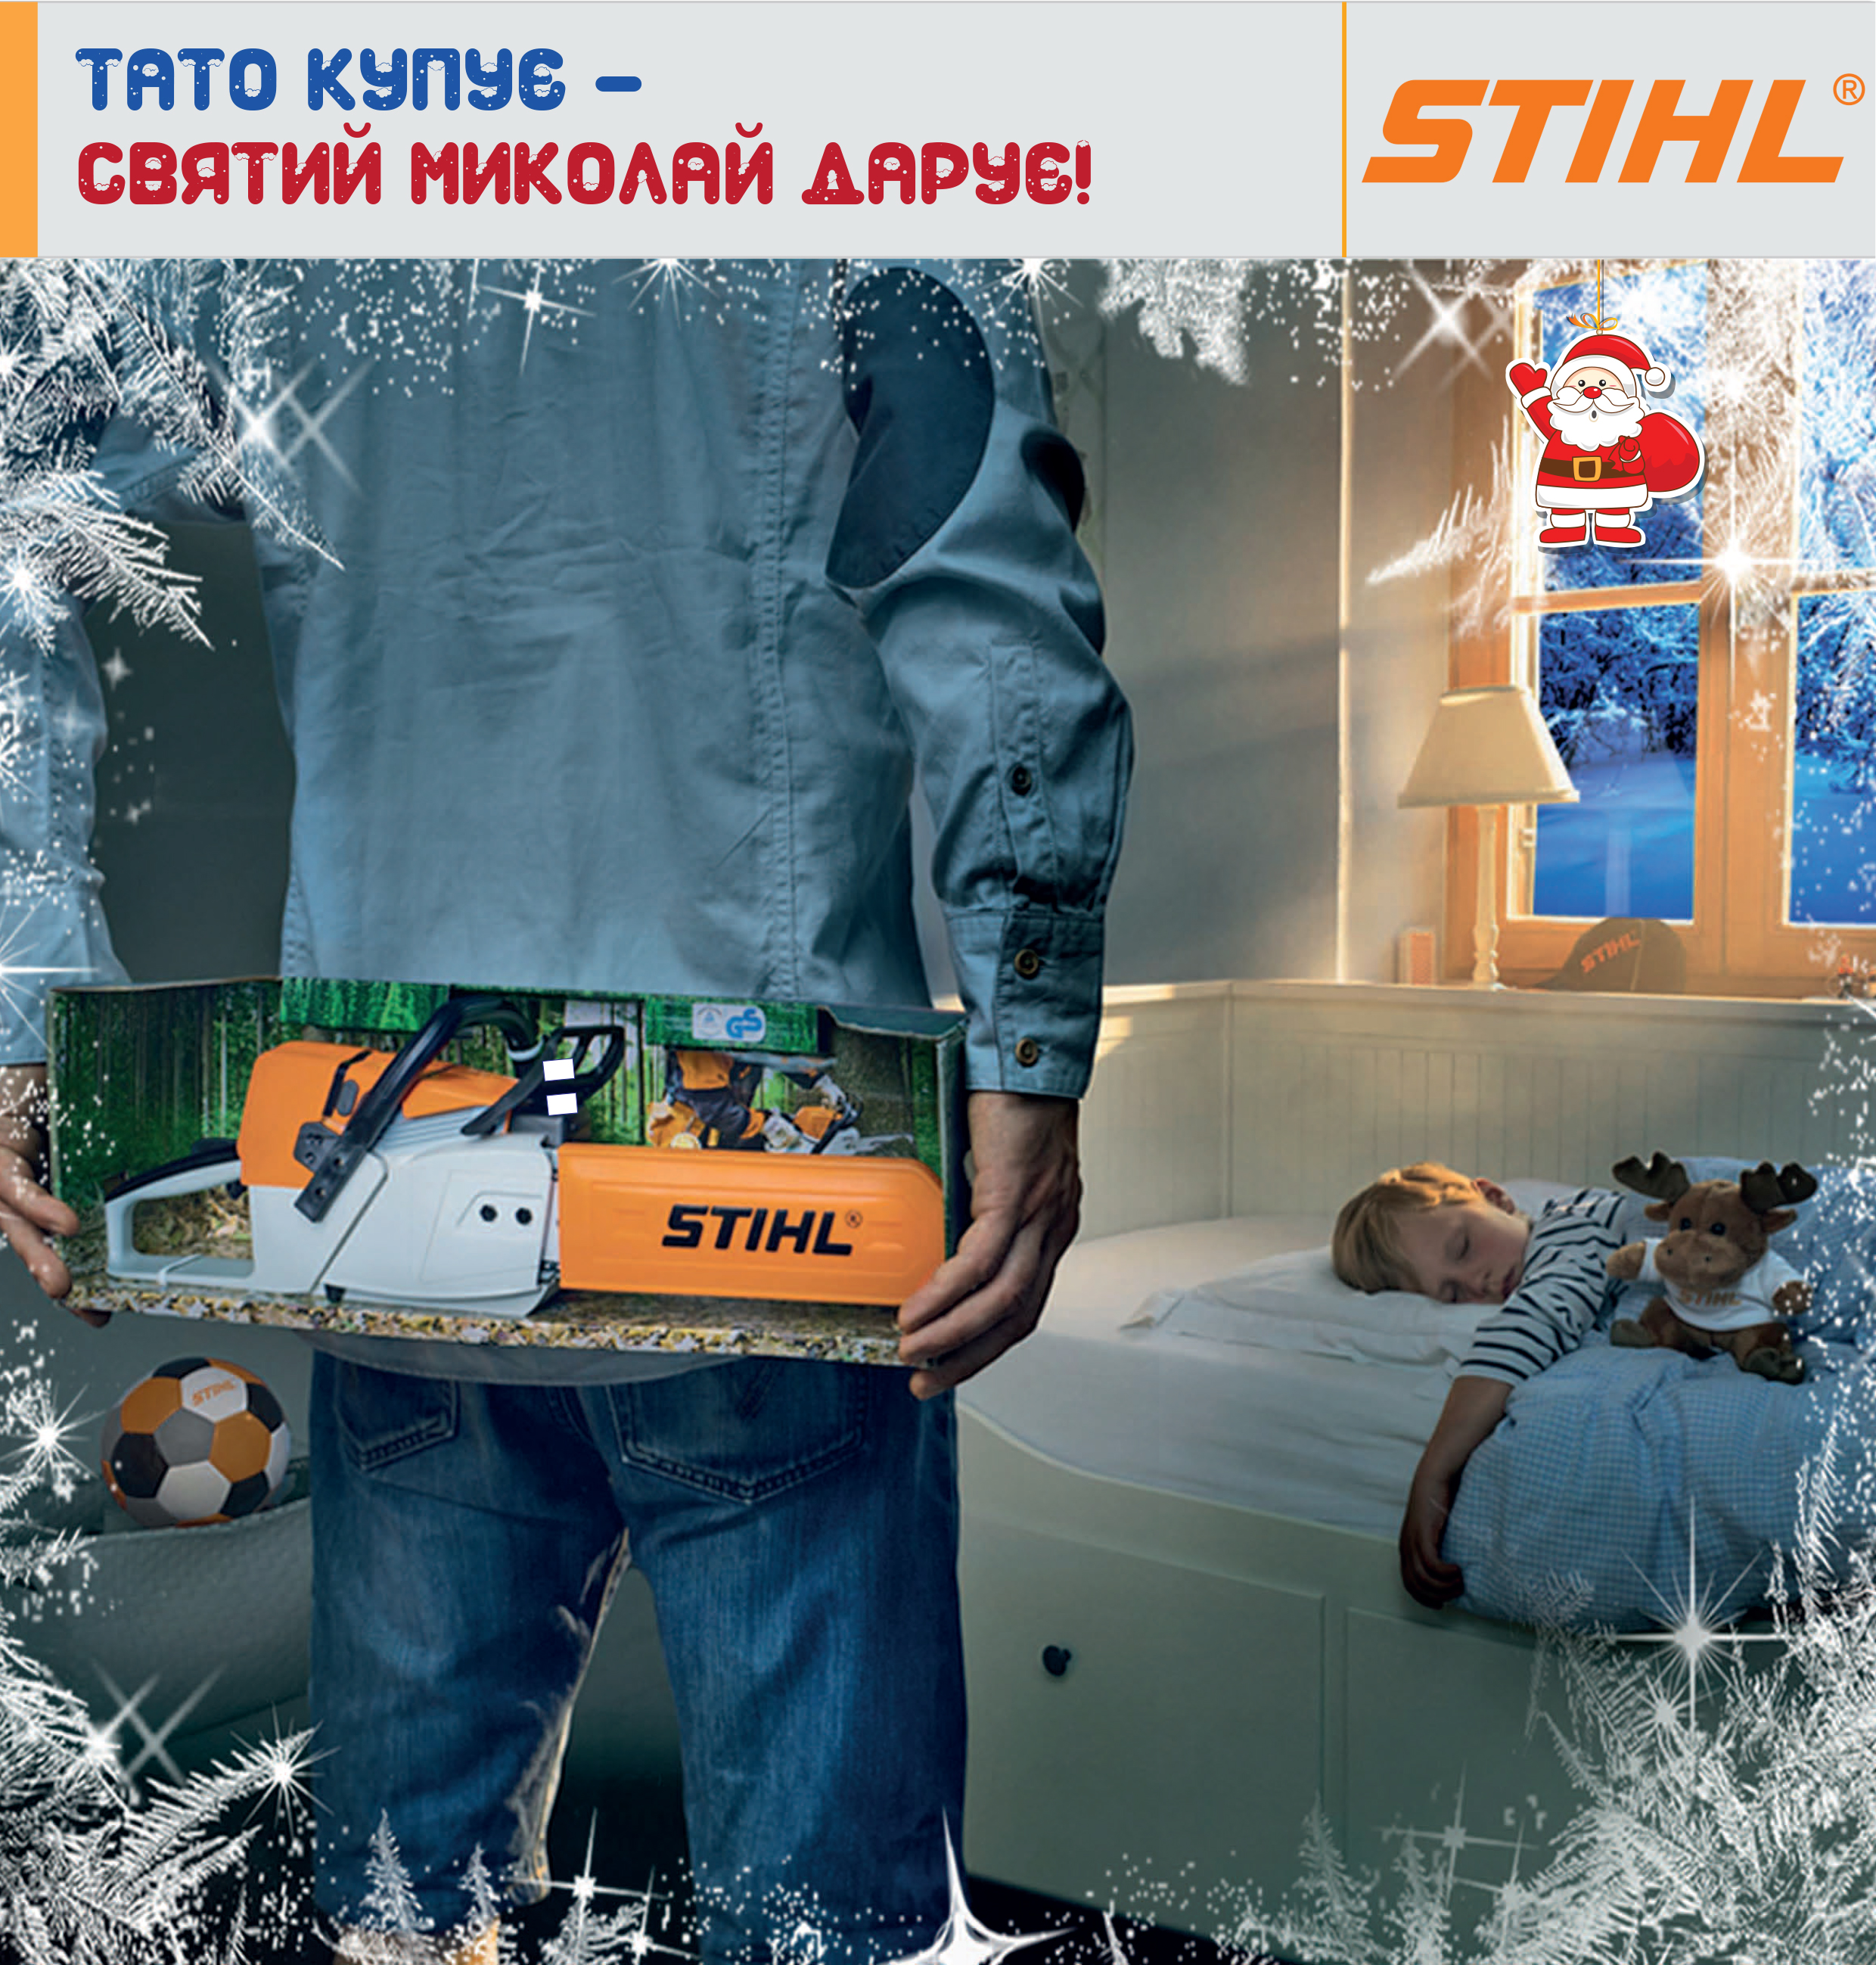 Купить пилу Stihl MS 250 Мелитополь